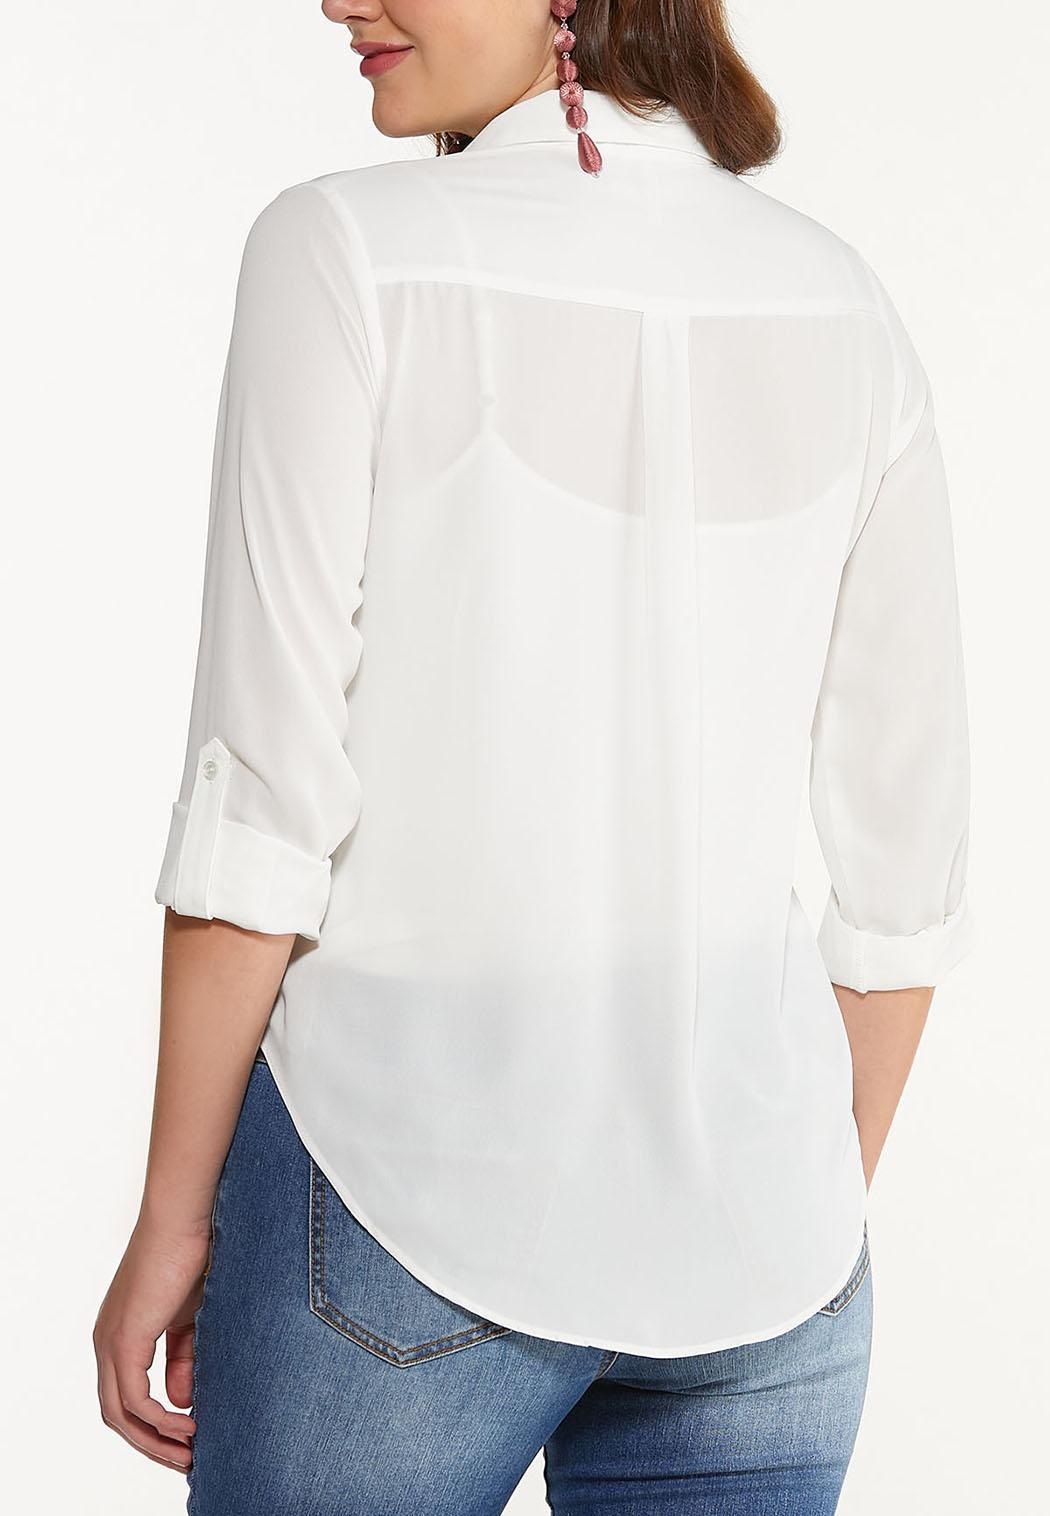 Plus Size Bright White Equipment Top (Item #44516252)